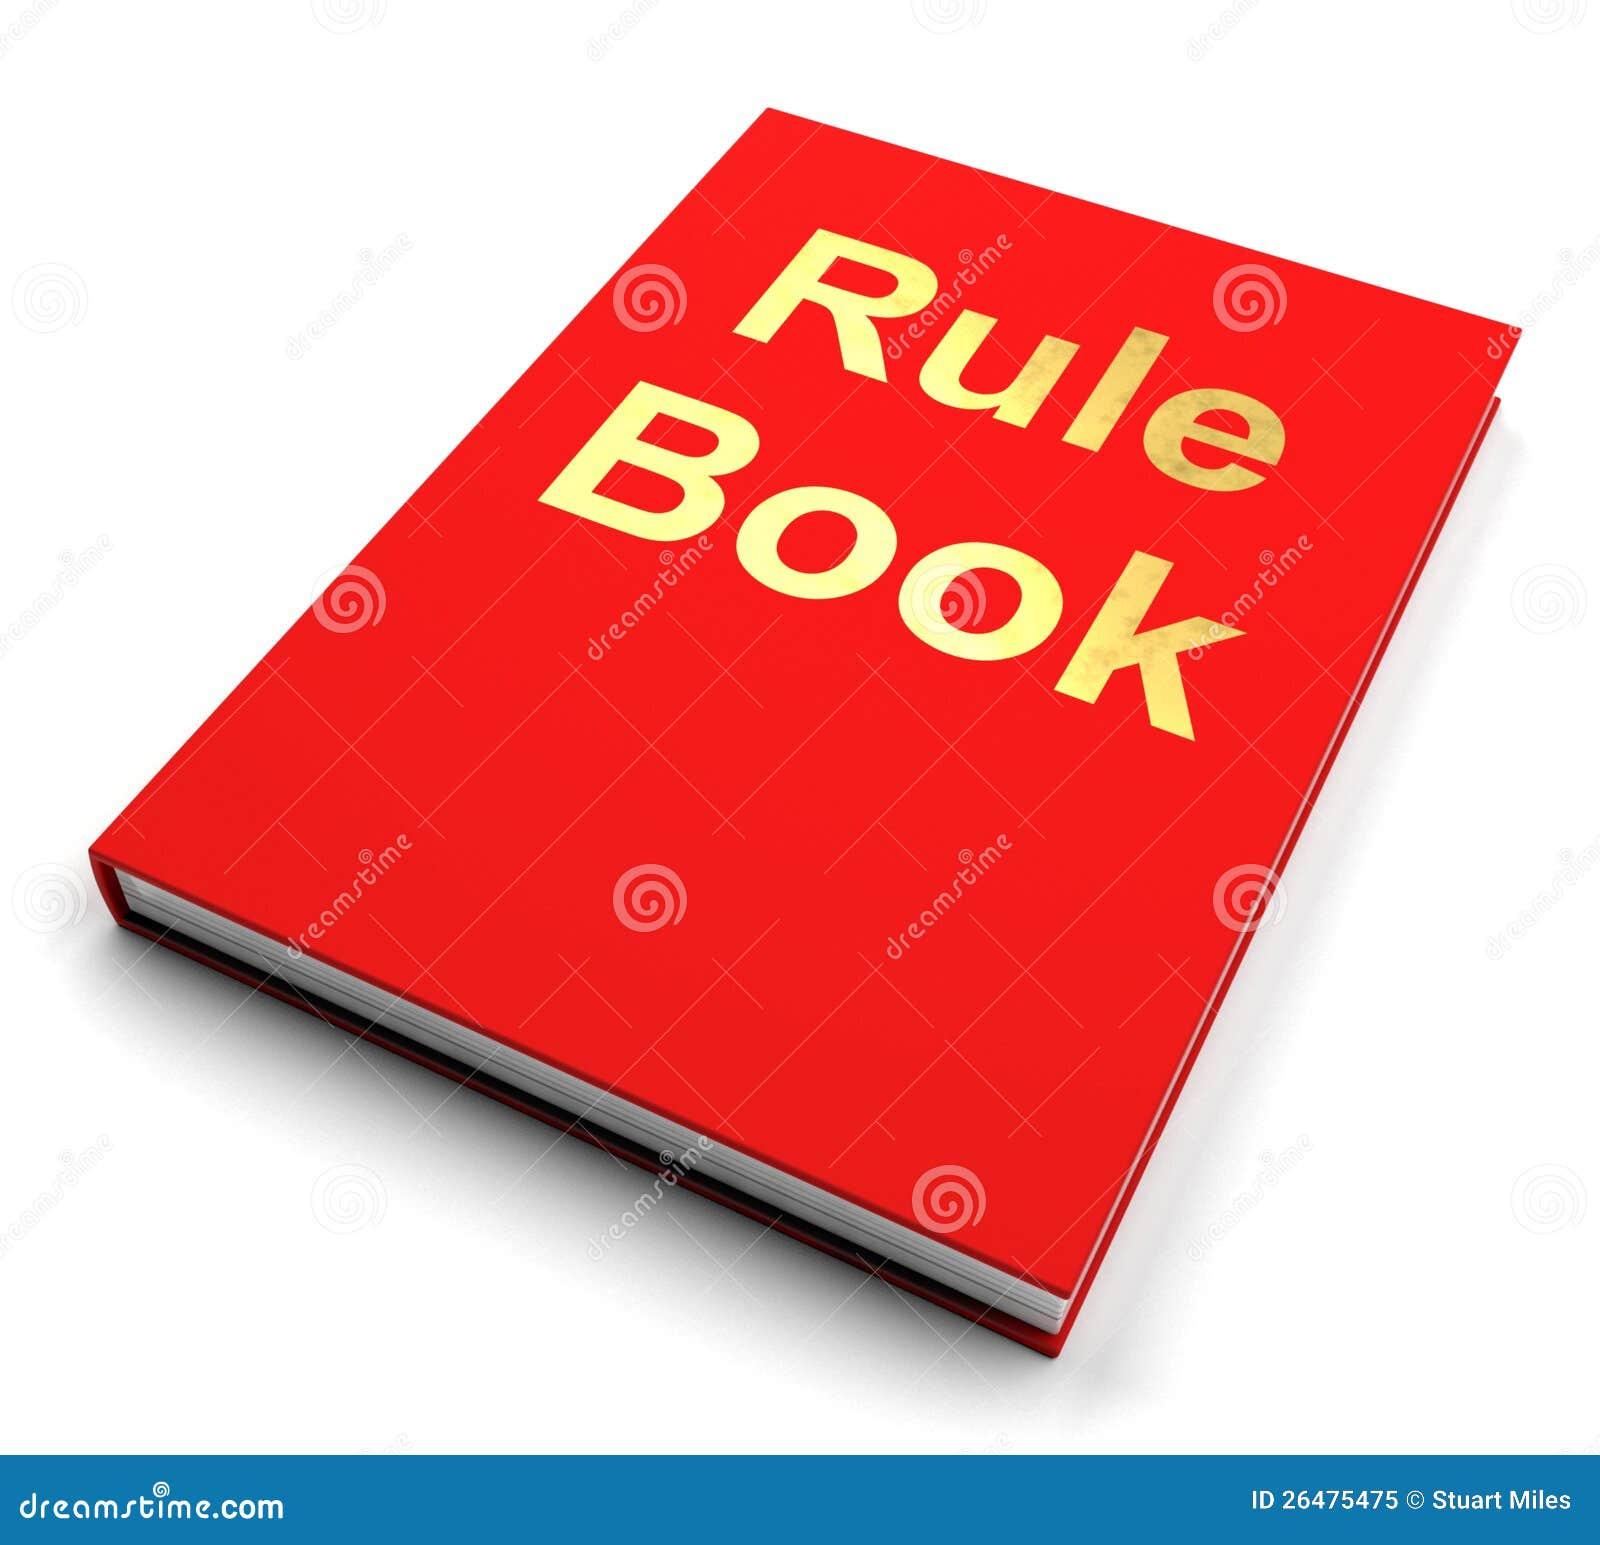 Rule Rule Manual Guide